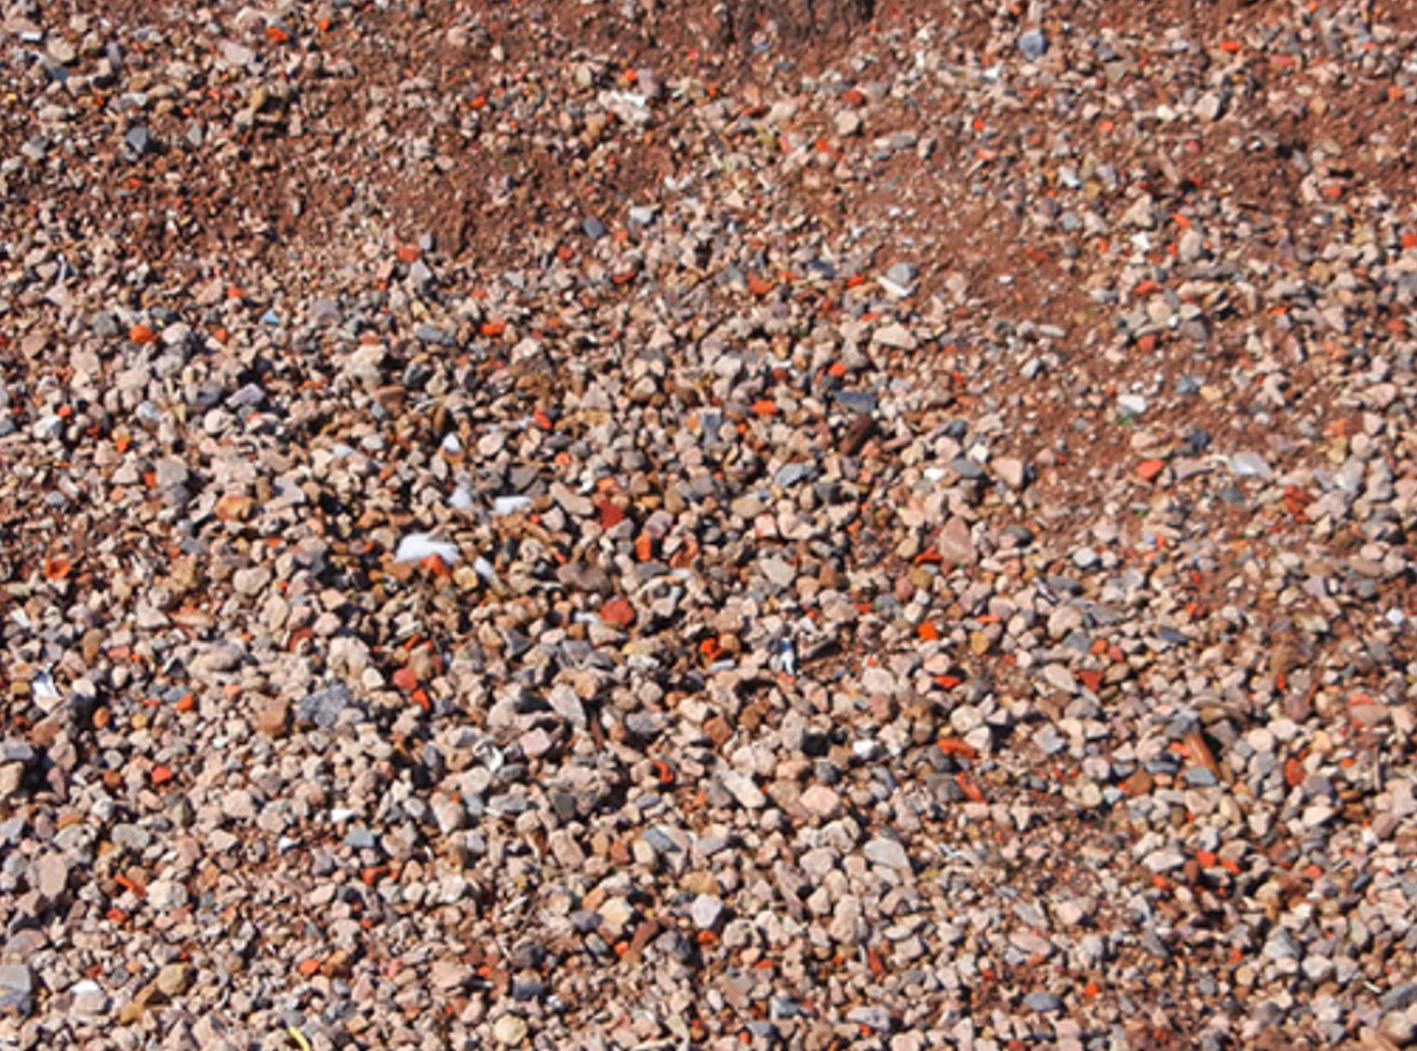 Fabulous 100412 RCL-Schotter 0/32 - Sandgrube Oswald NE17